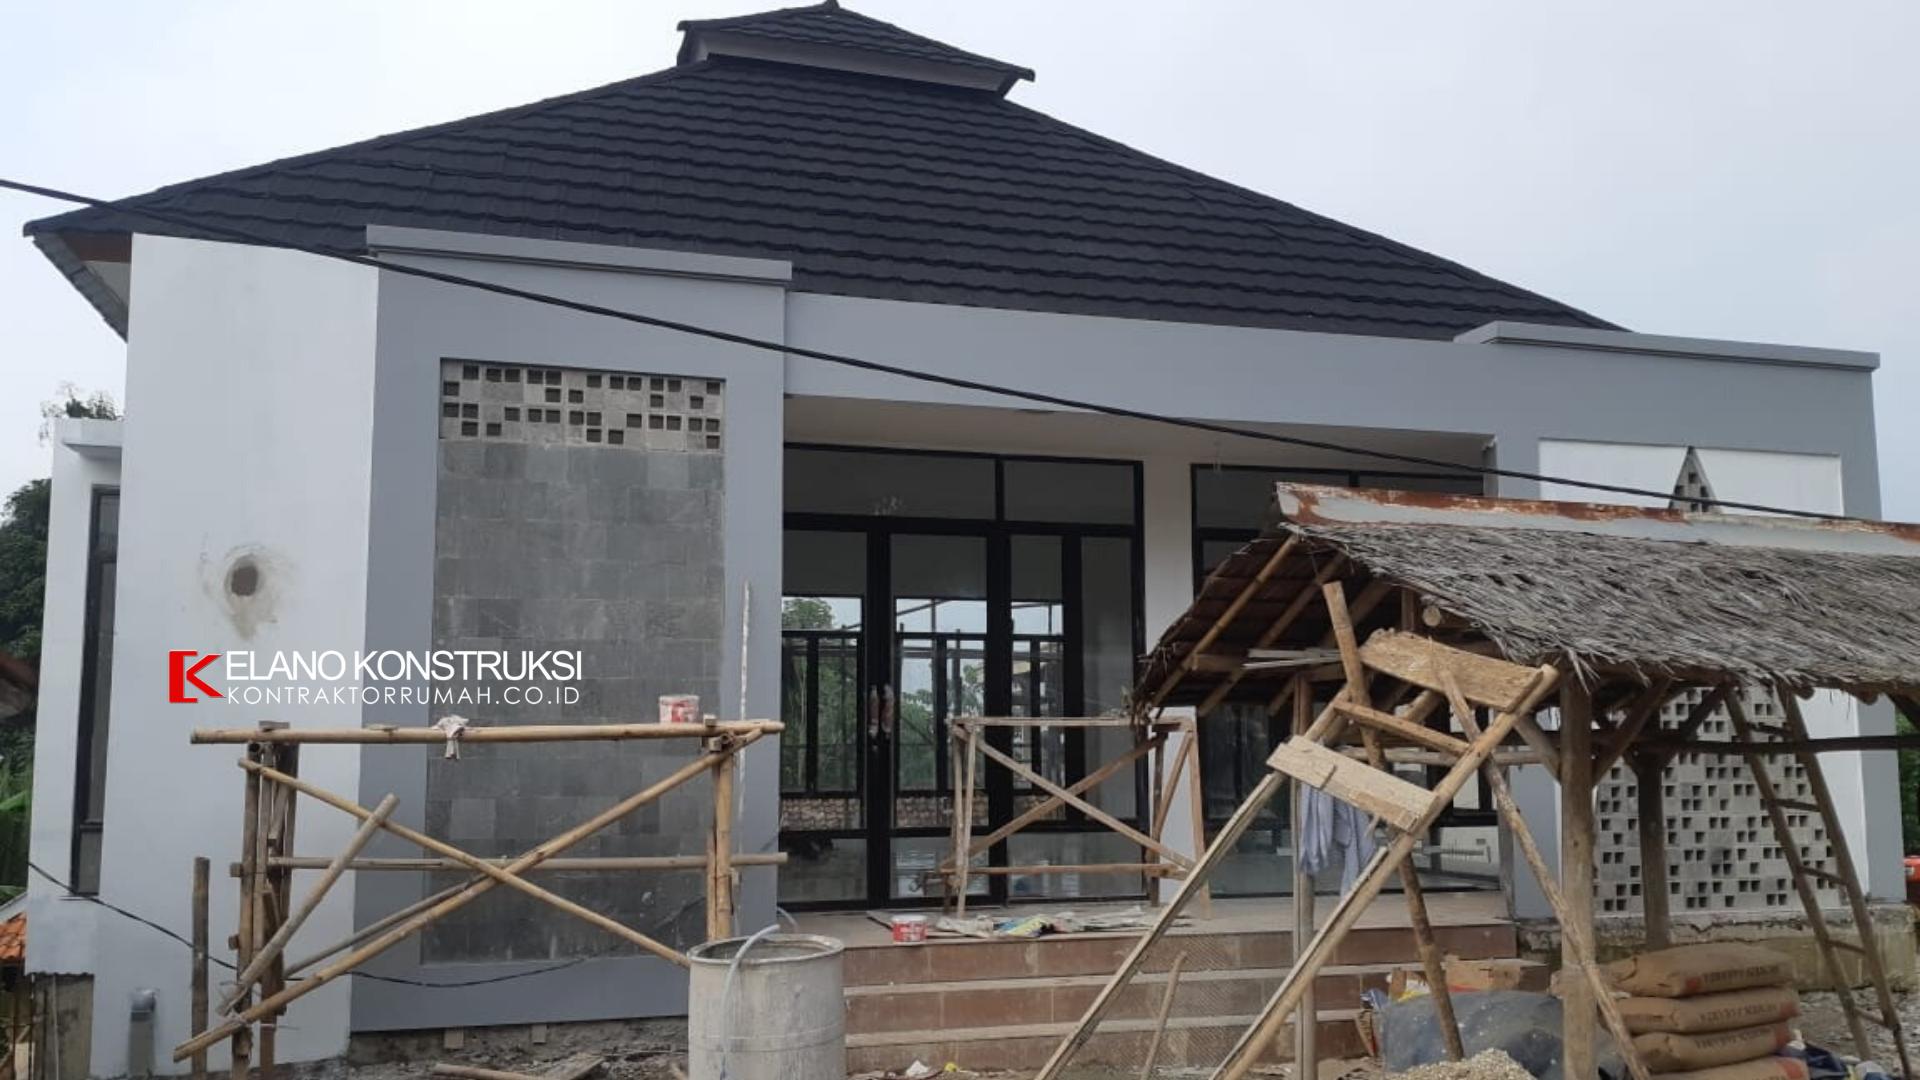 2 1 - Konstruksi Masjid Pesantren Alanwariyah 230 M2 Banten Jawa Barat